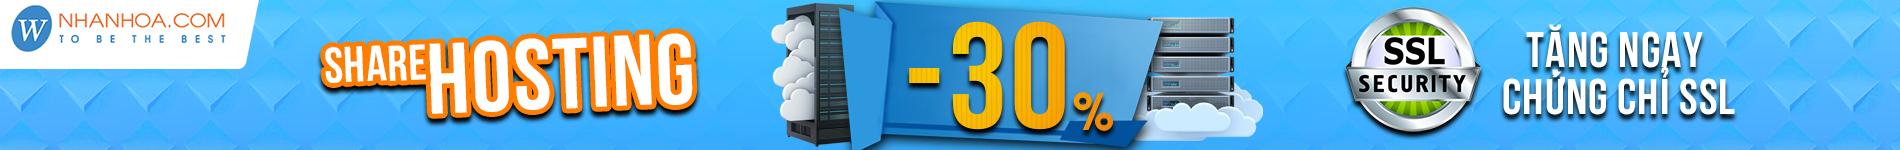 Đăng Ký Mua Joomla Hosting Dùng Thử Miễn Phí Free 30 ngày